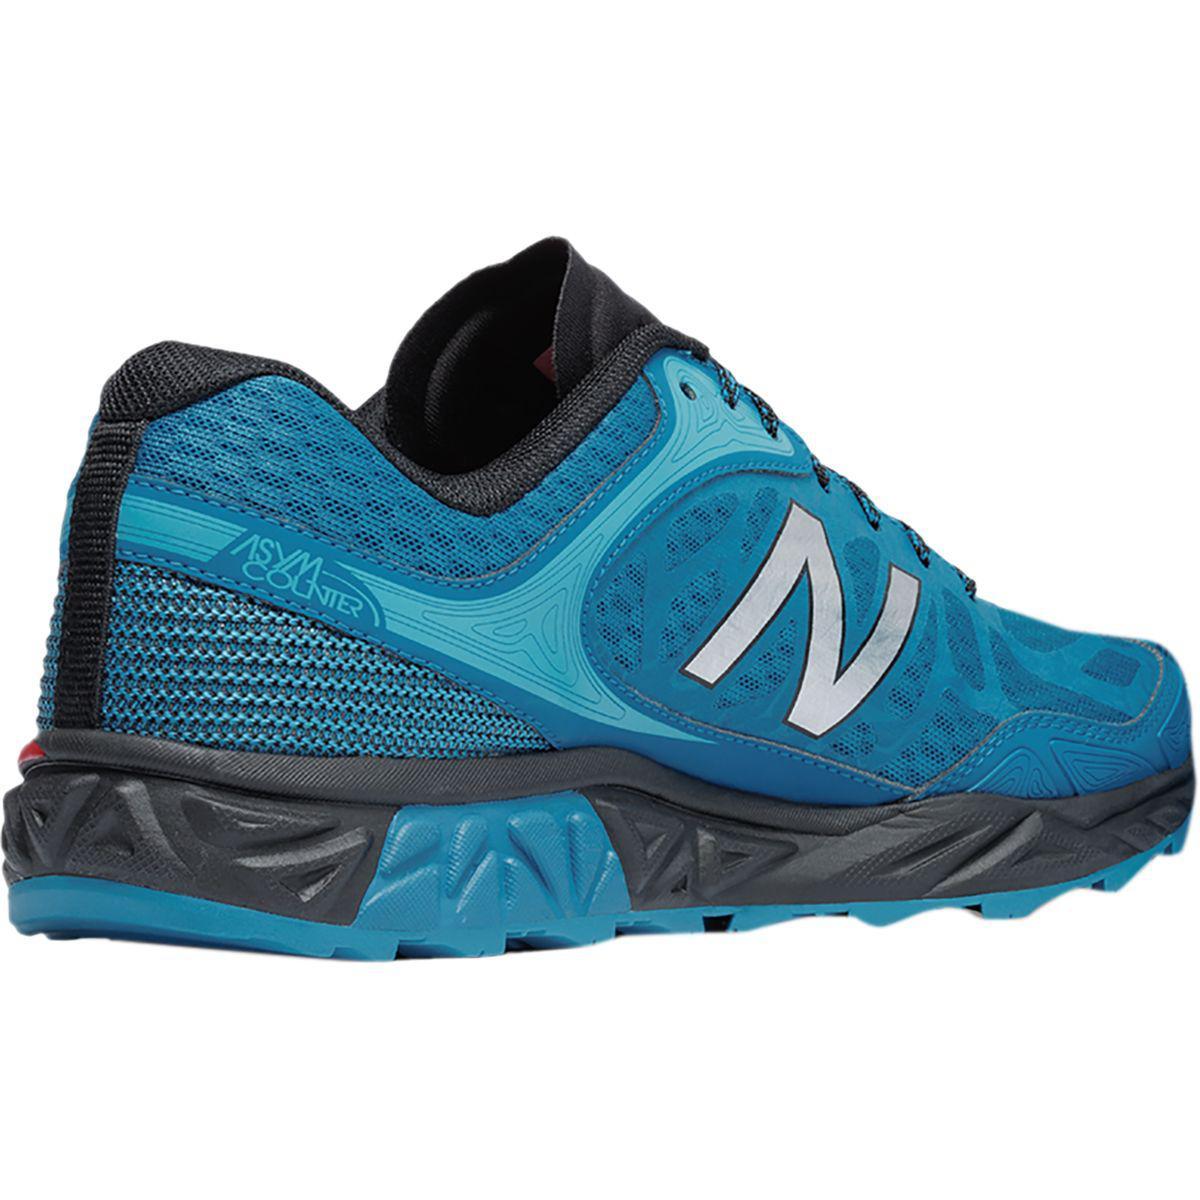 New Balance Leadville V3 in Blue/Black (Blue) for Men - Lyst